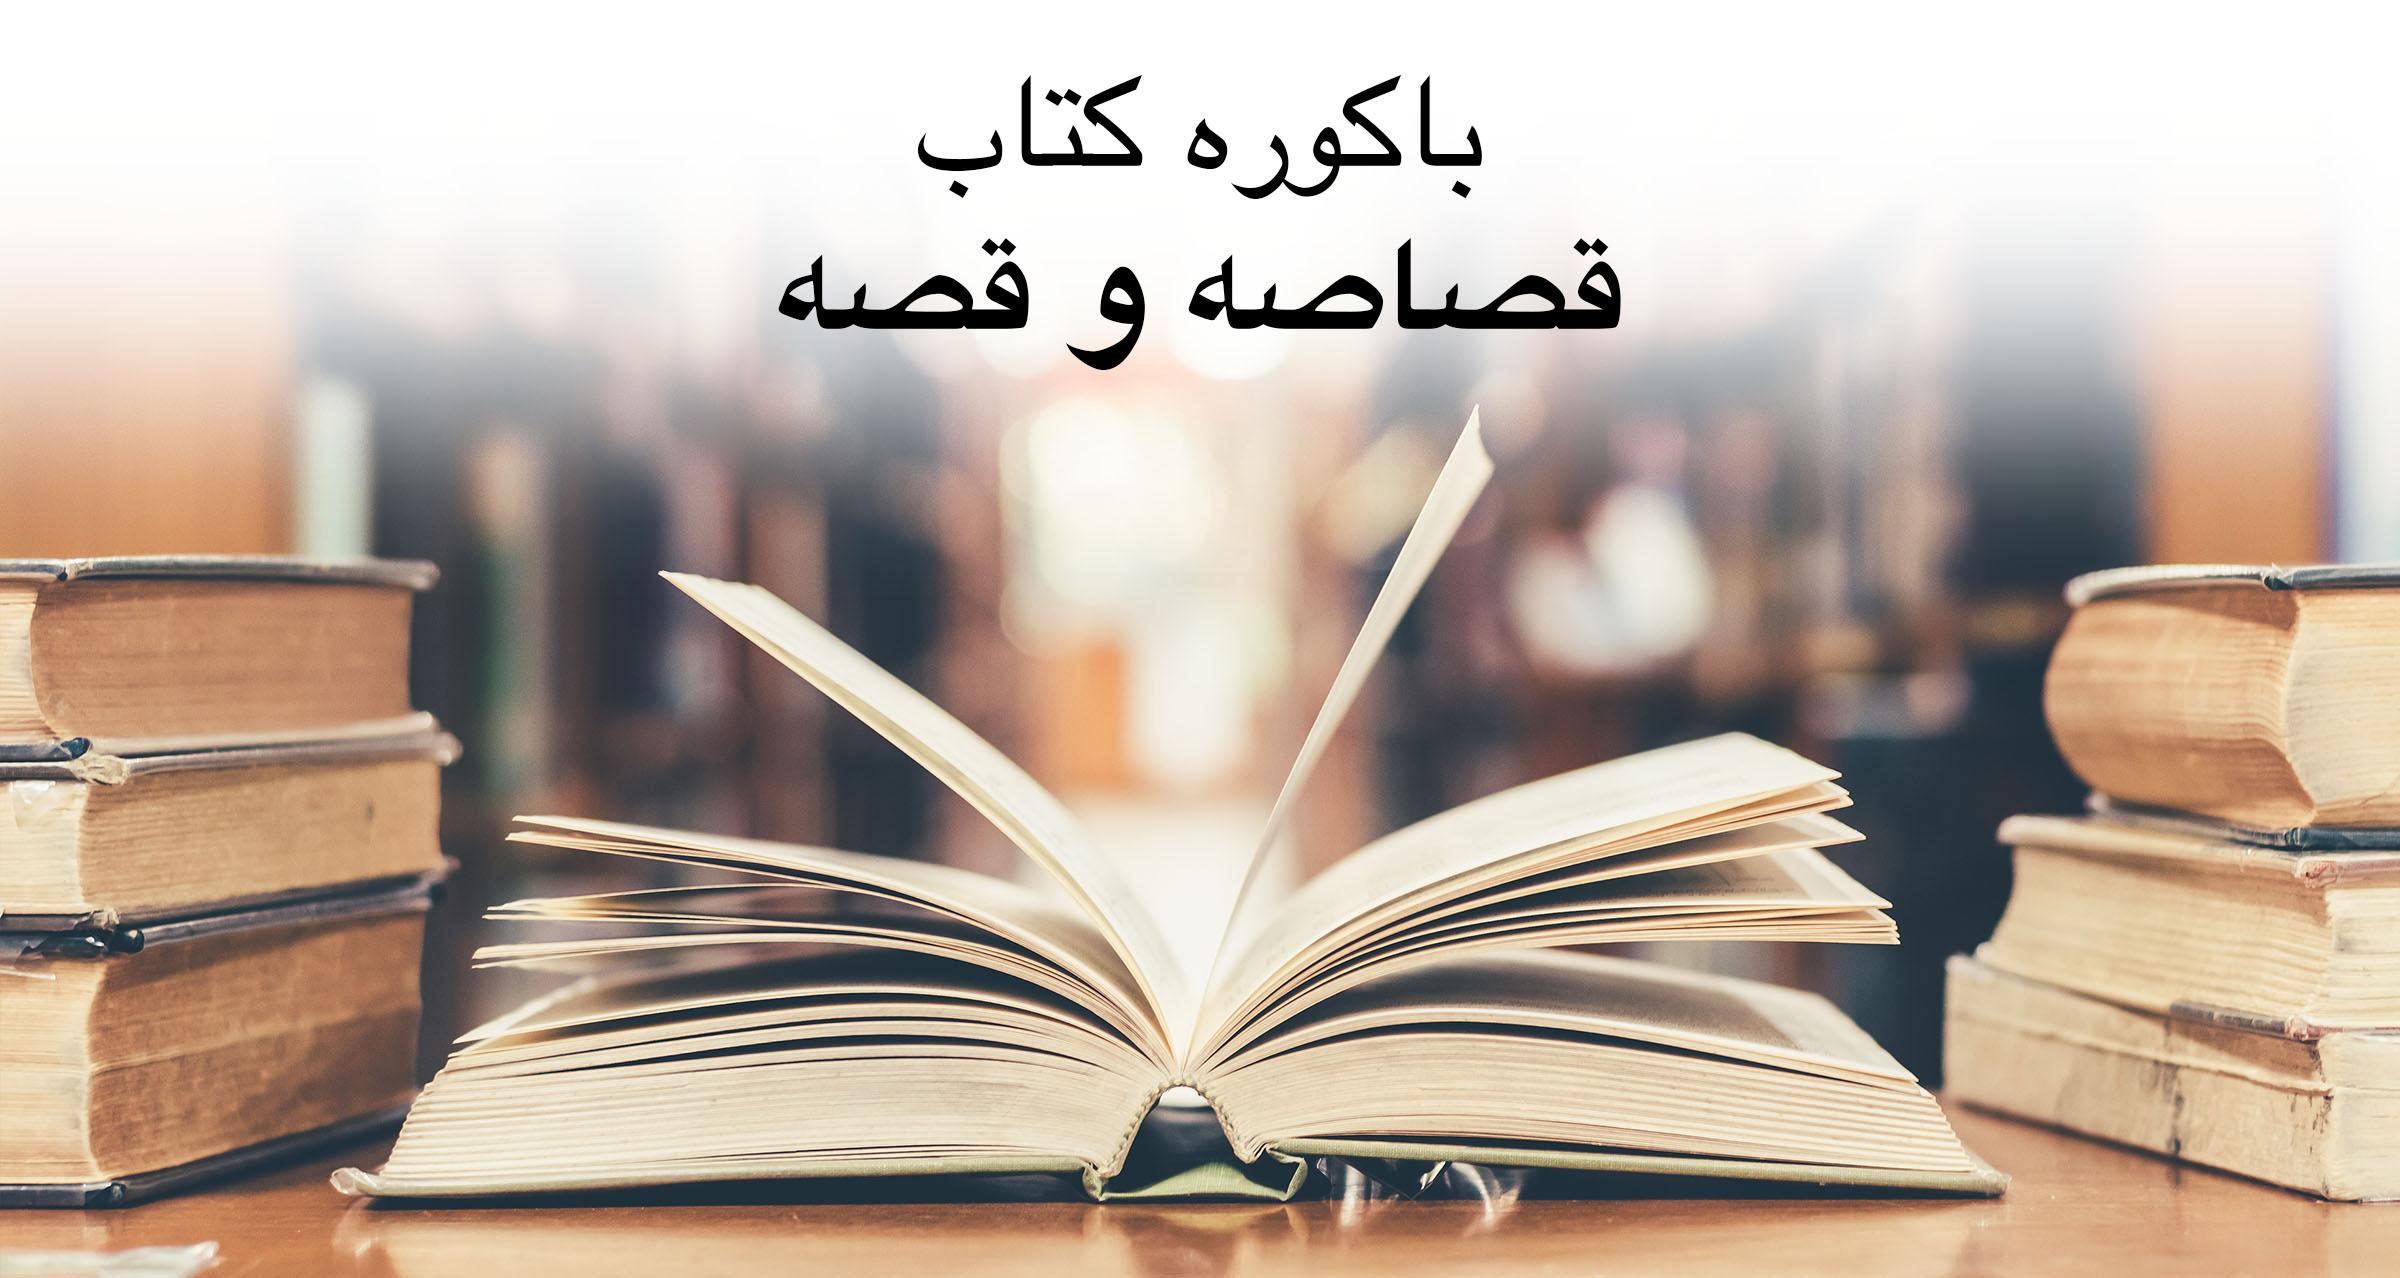 كتاب قُصَاصَةٌ وقِصَّةٌ الإهداء و المقدِّمة